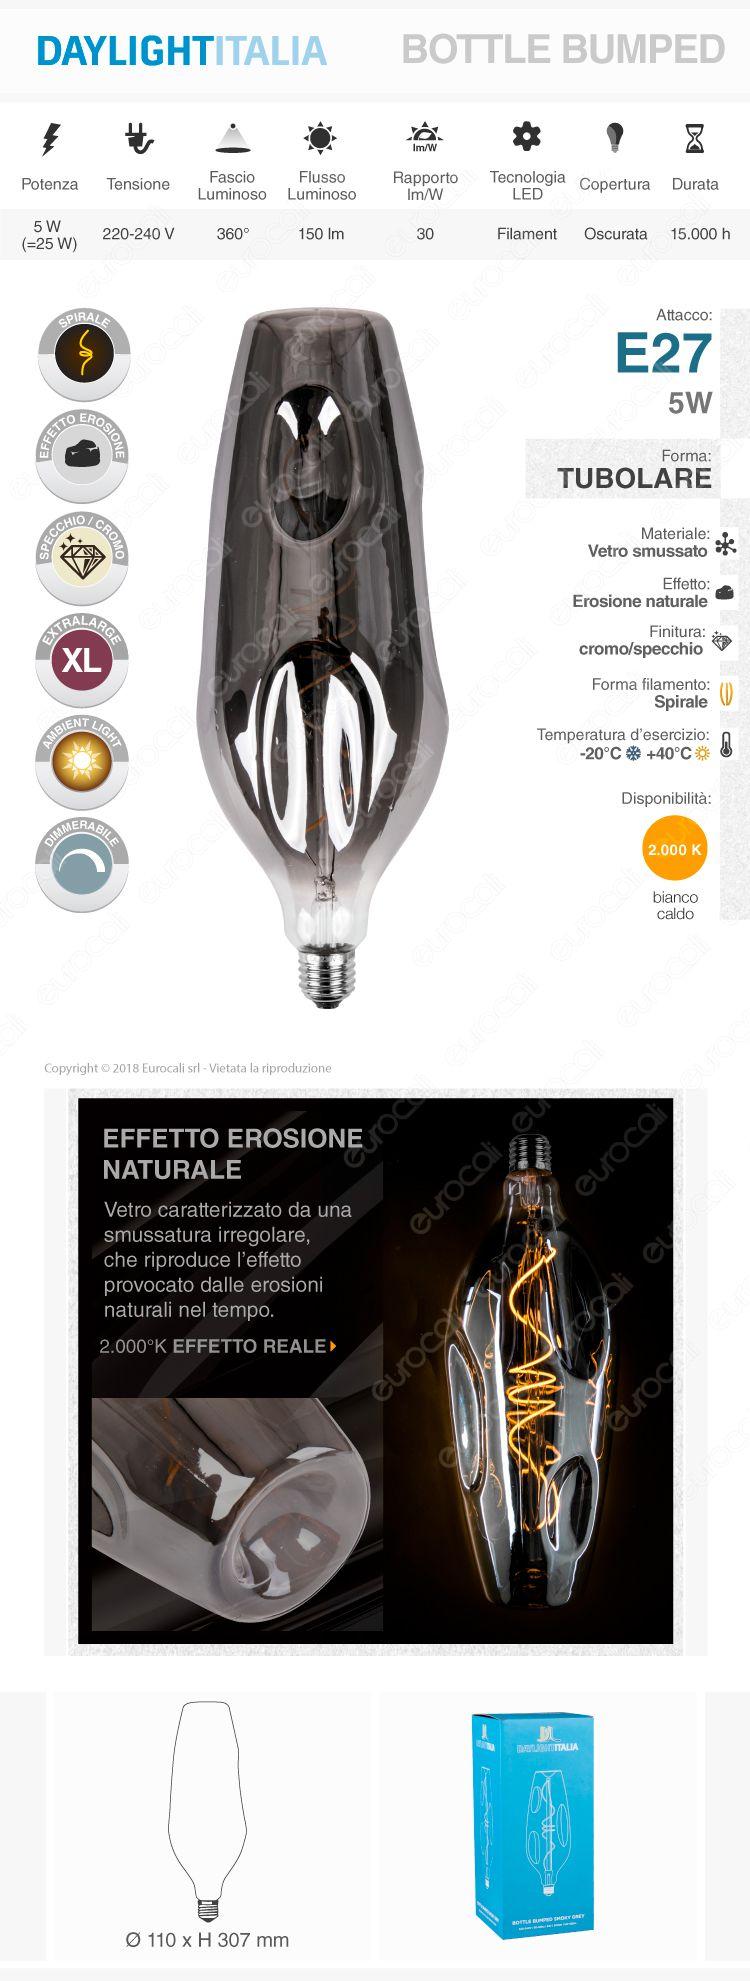 Daylight Lampadina E27 Filamento LED a Spirale 5W Bulb Effetto Erosione Naturale Oscurata Dimmerabile